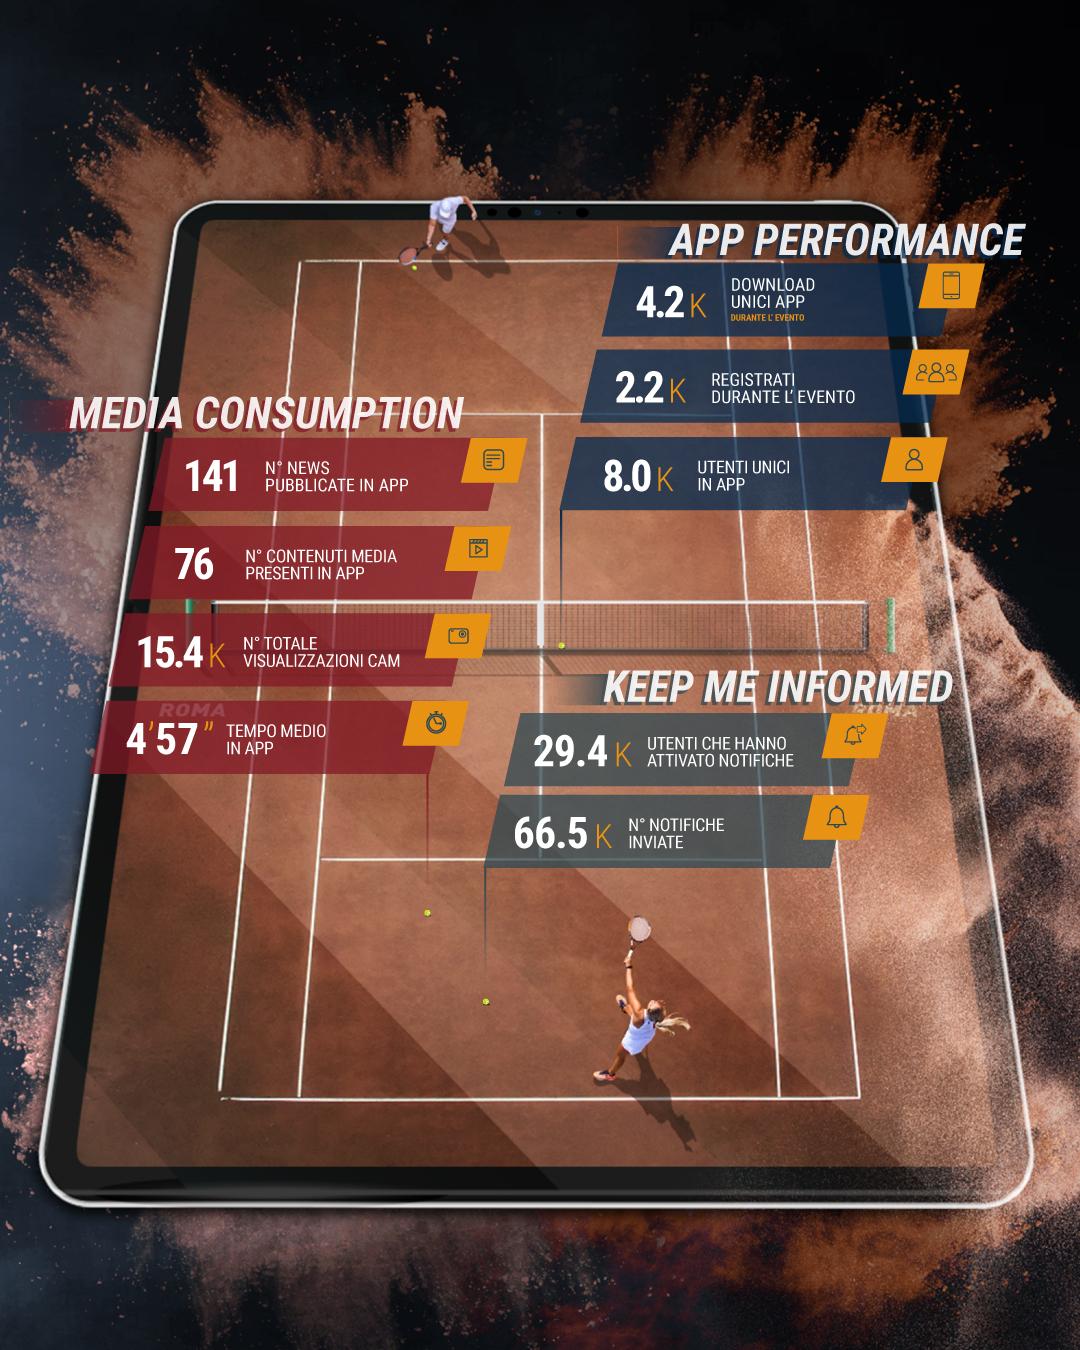 Internazionali di tennis | IQUII